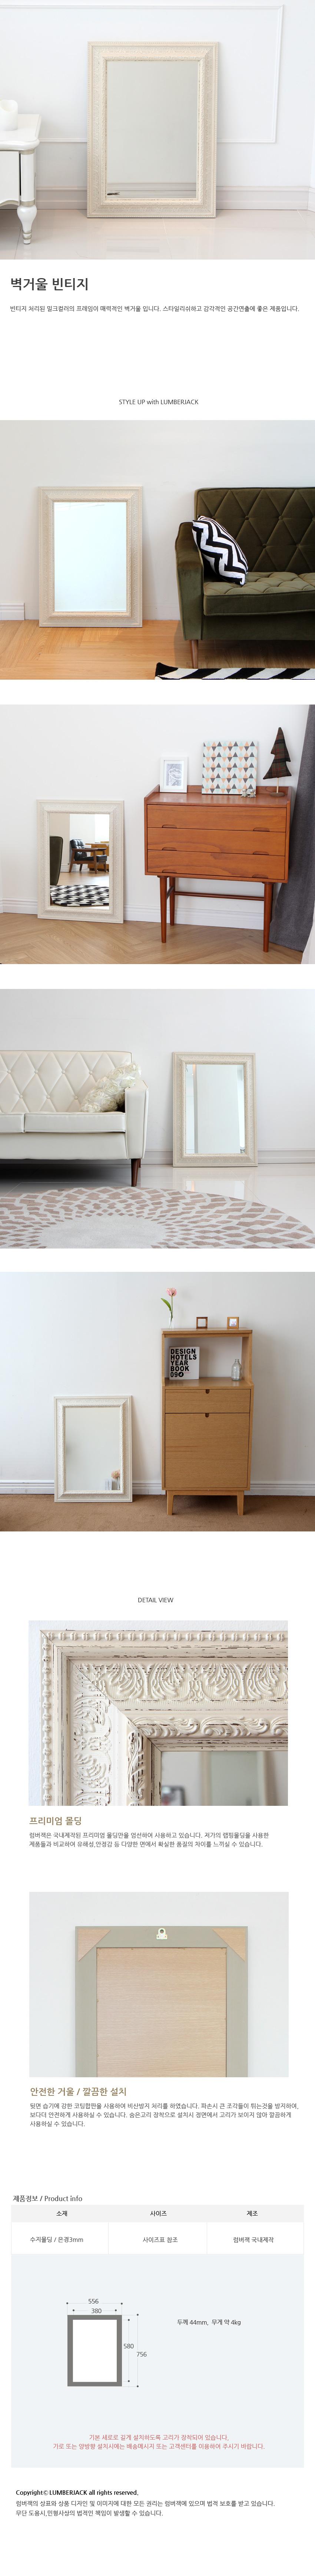 프리미엄 빈티지 벽거울 - 럼버잭, 31,200원, 거울, 벽걸이거울